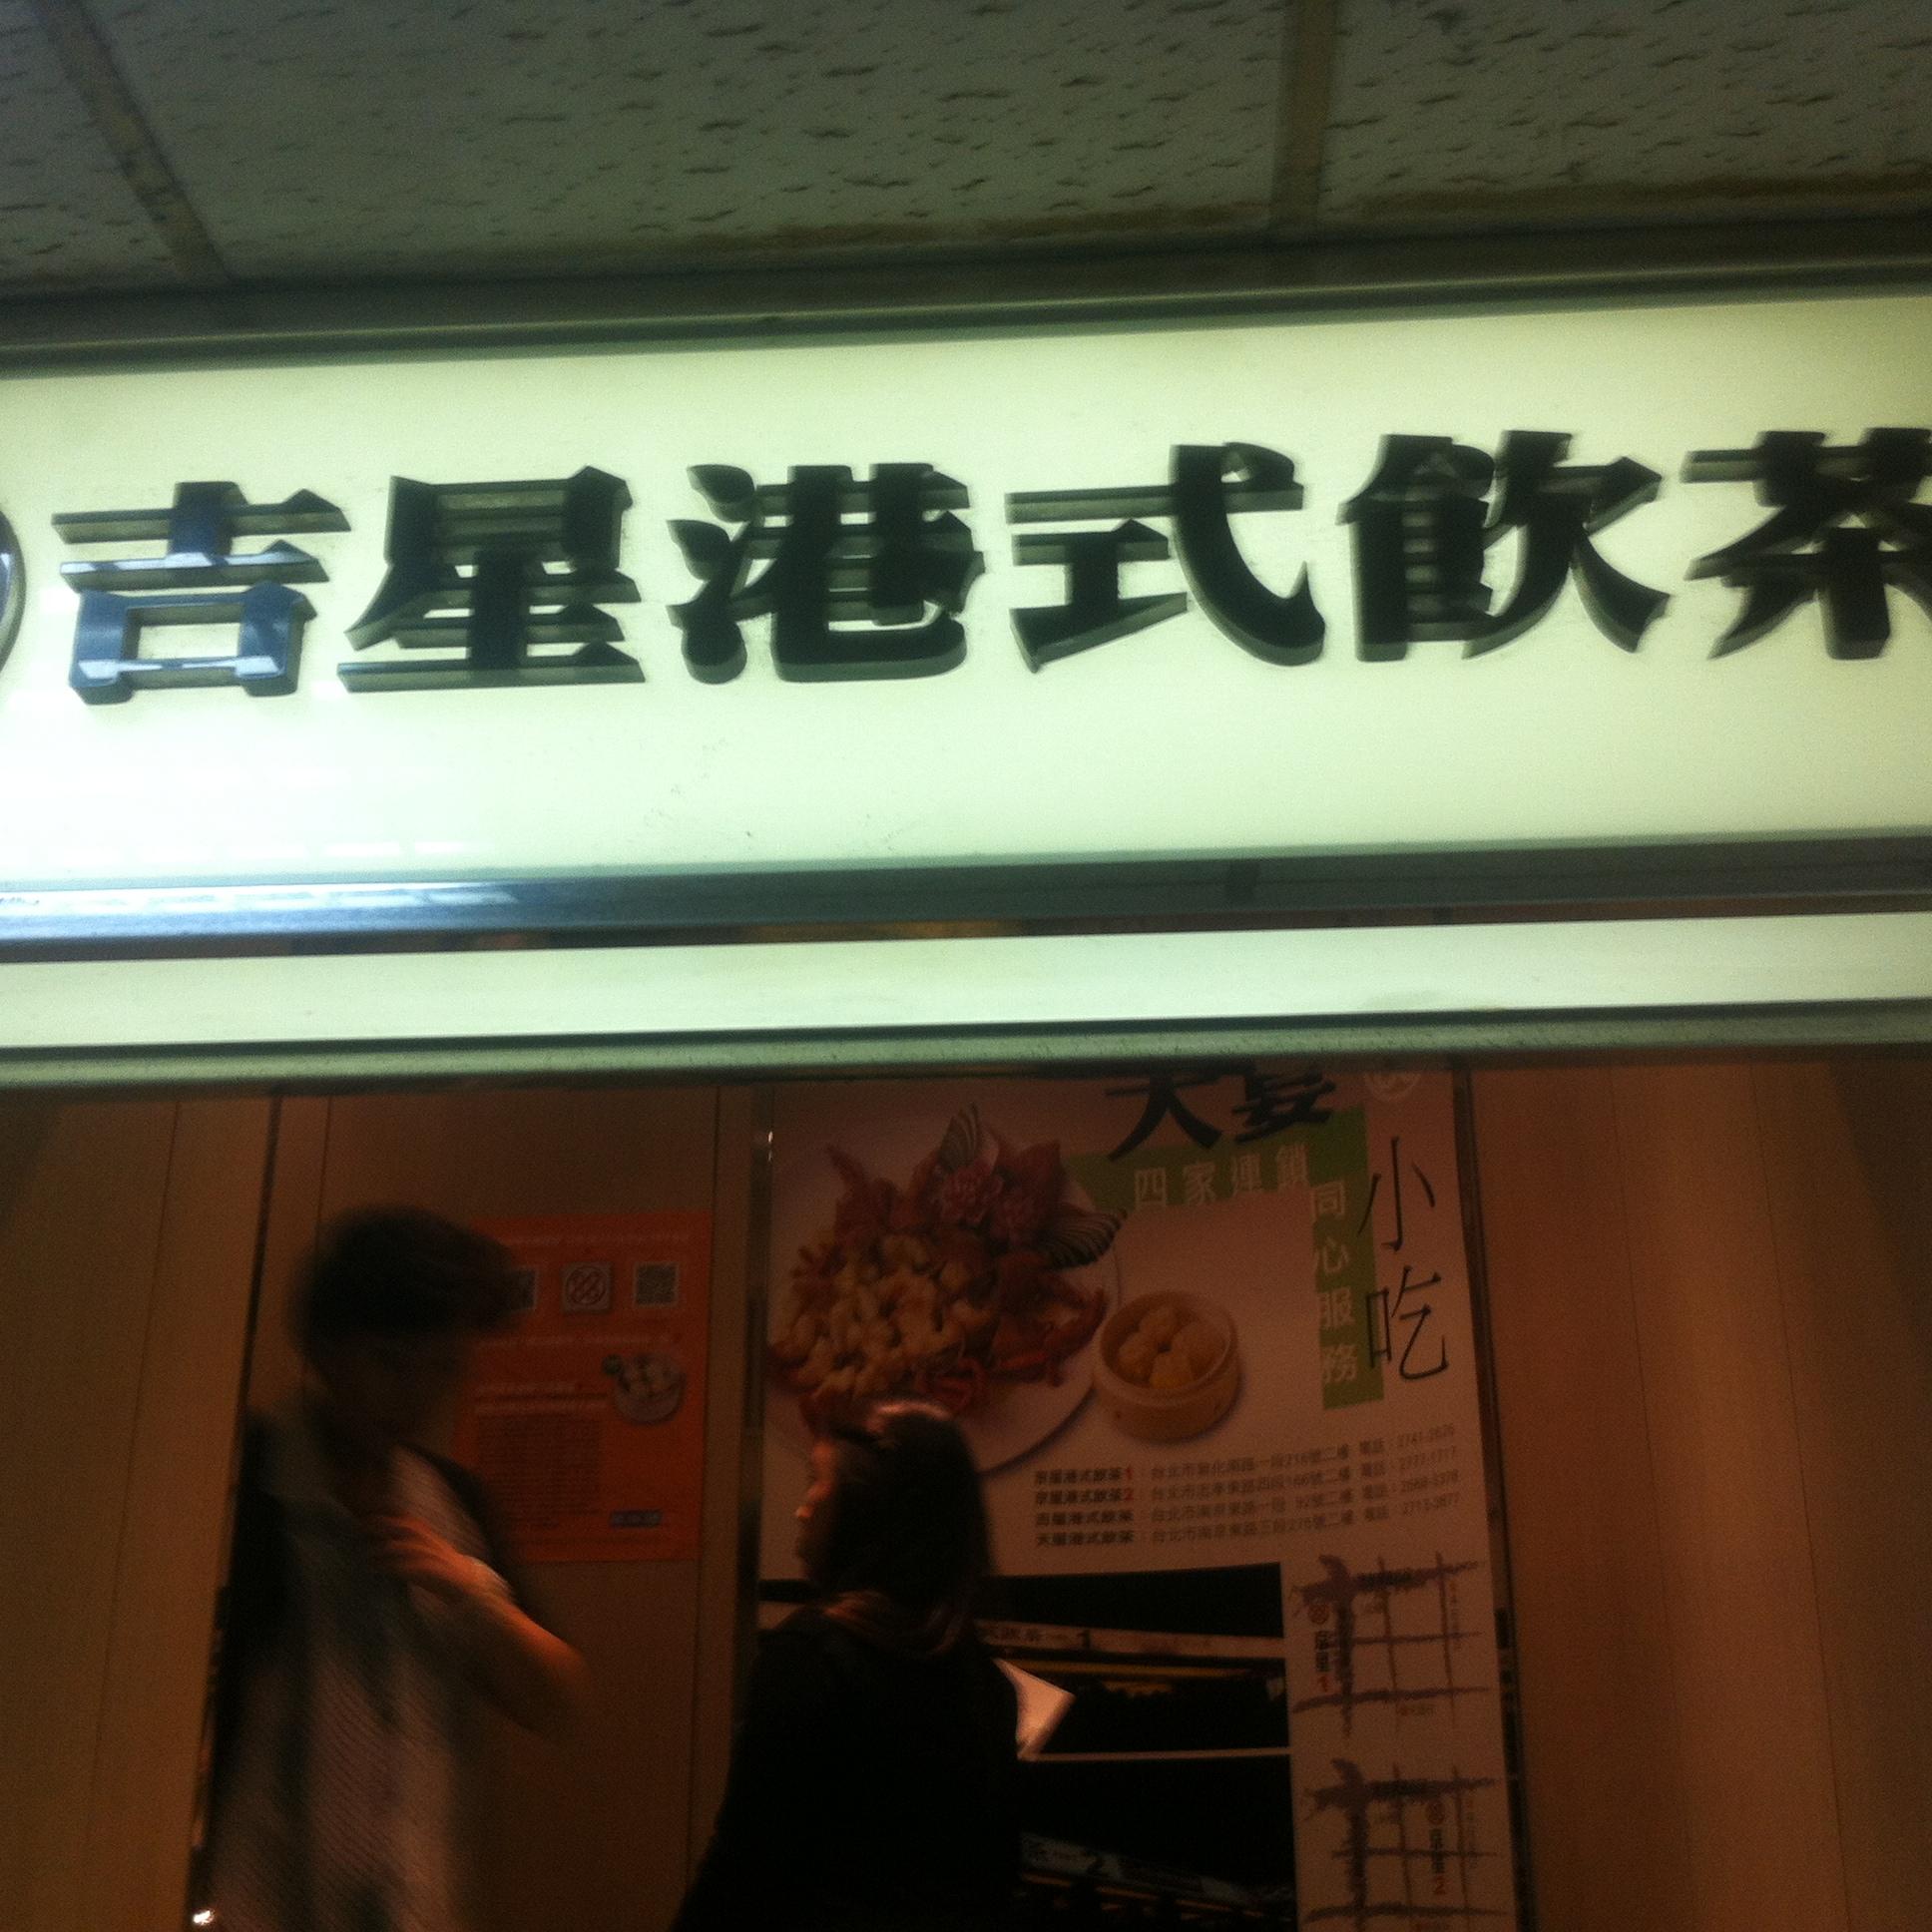 【グルメ】吉星港式飲茶は24時間あいてる飲茶の店!